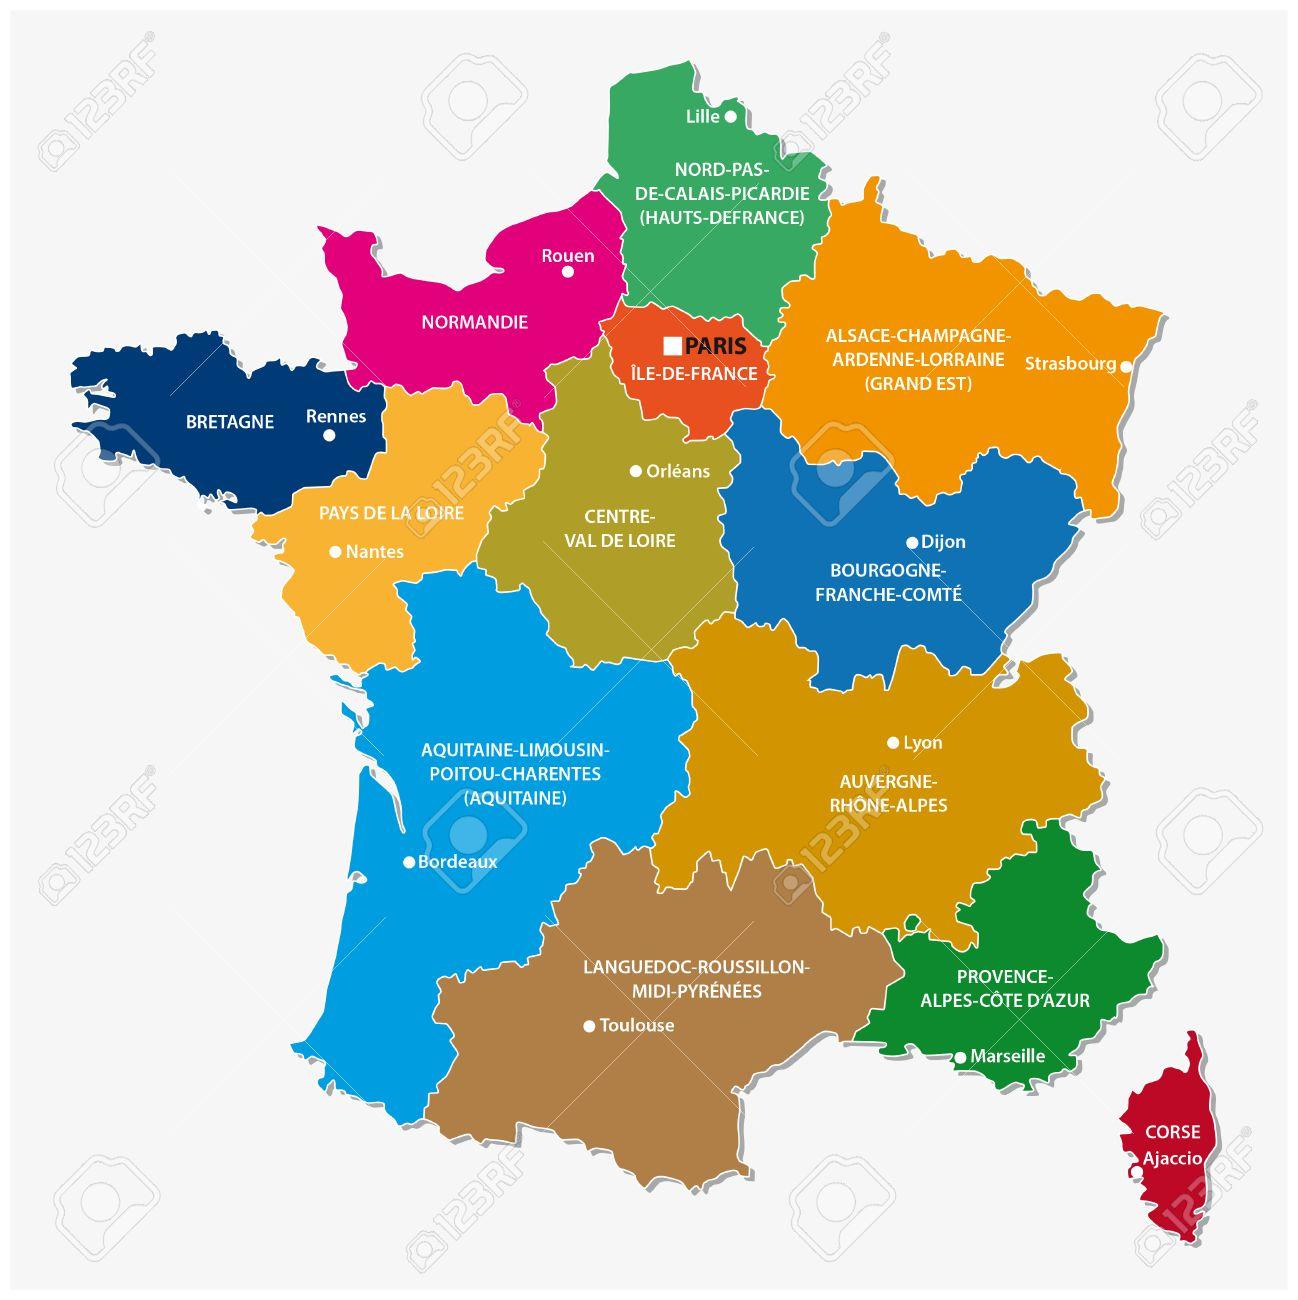 Les Nouvelles Régions De France Depuis La Carte dedans Carte Nouvelles Régions De France